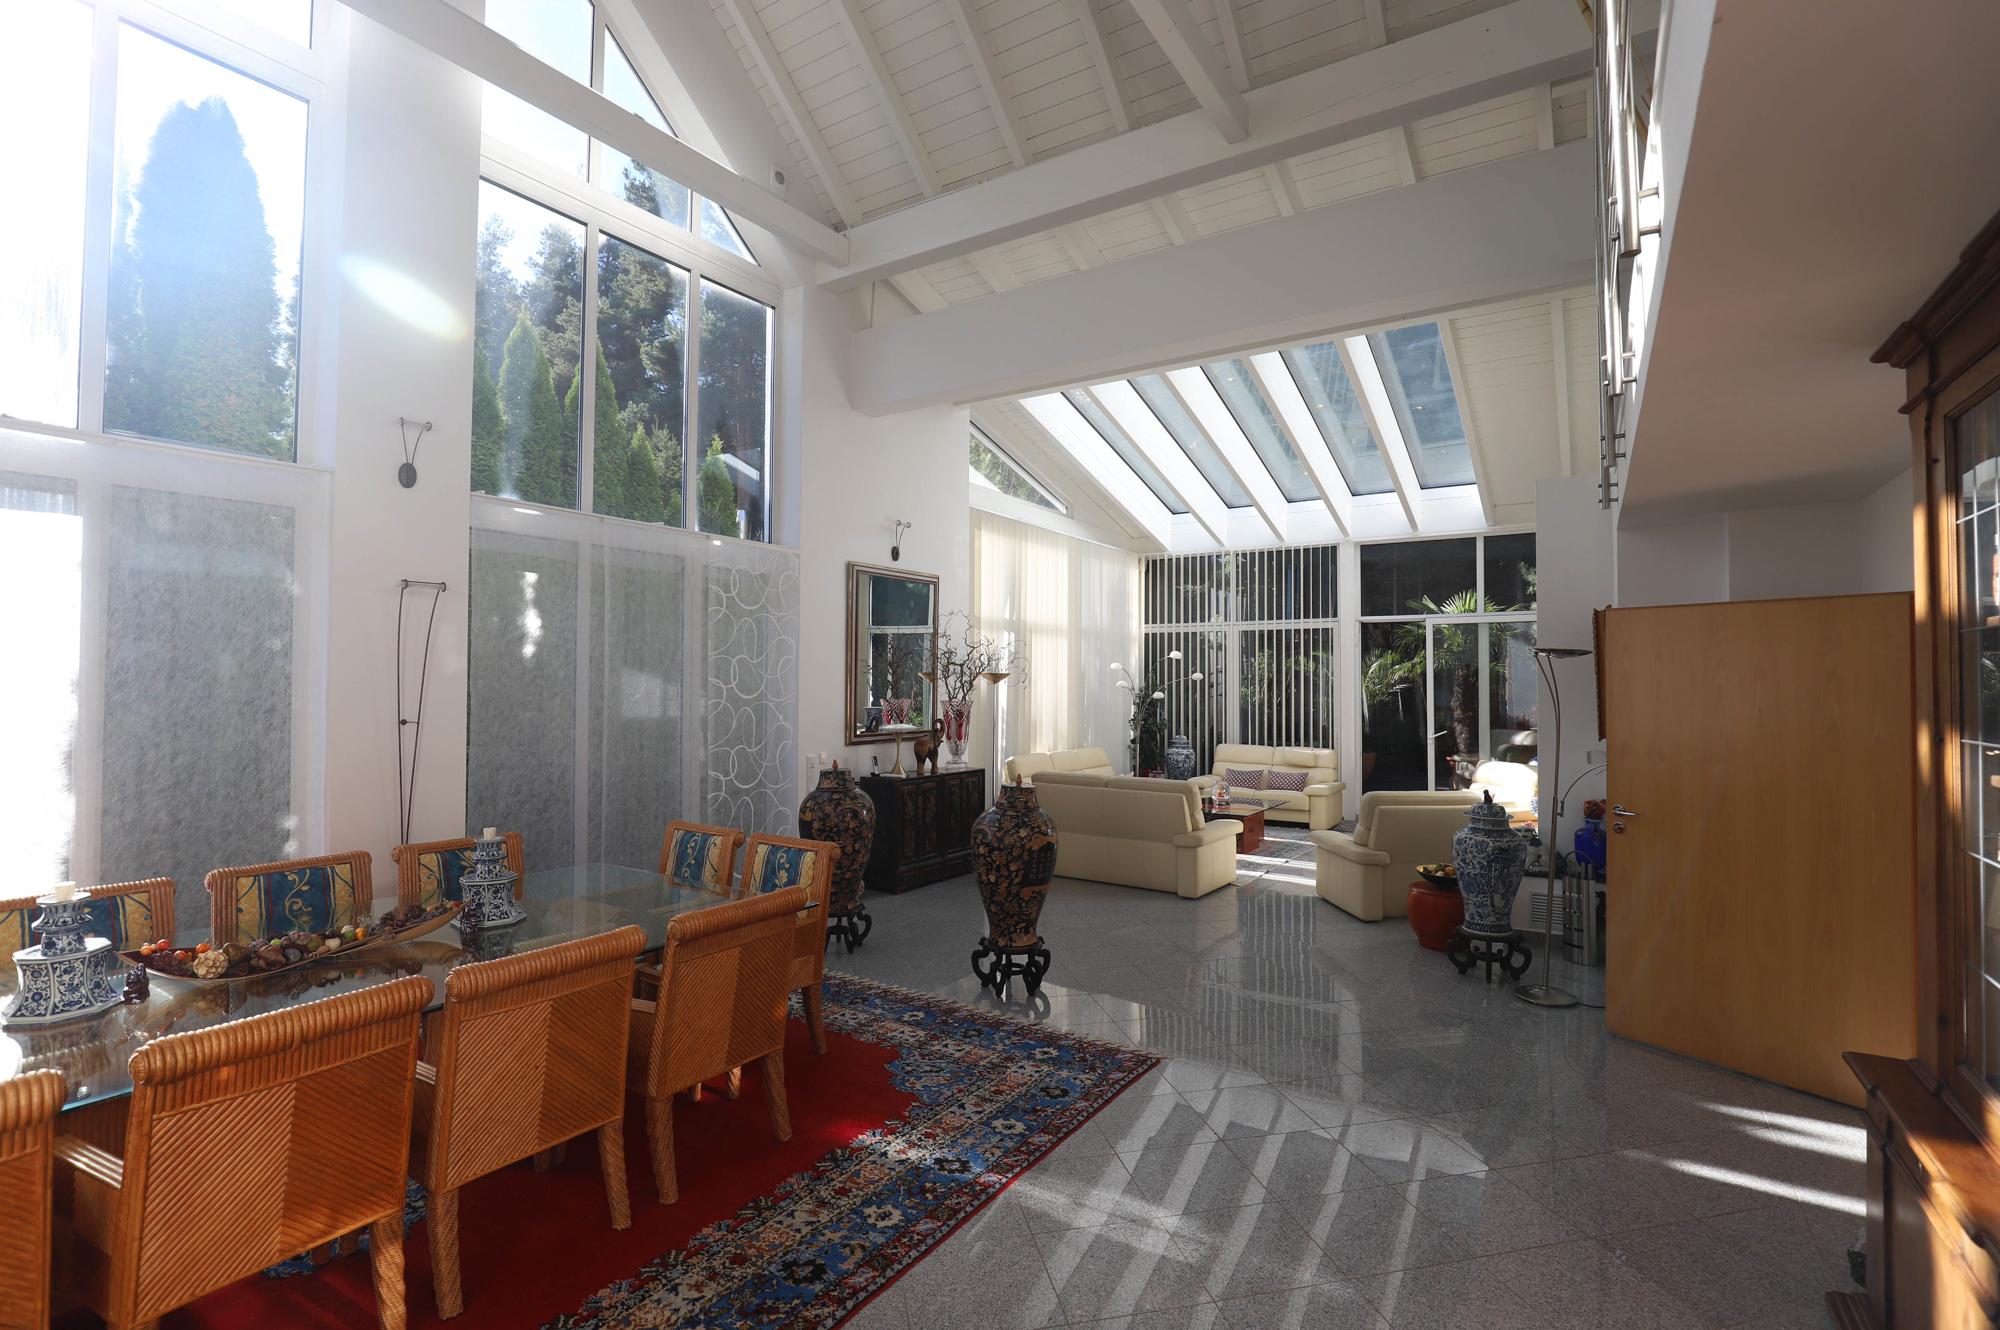 Wohntraum mit Viel Licht und Raum